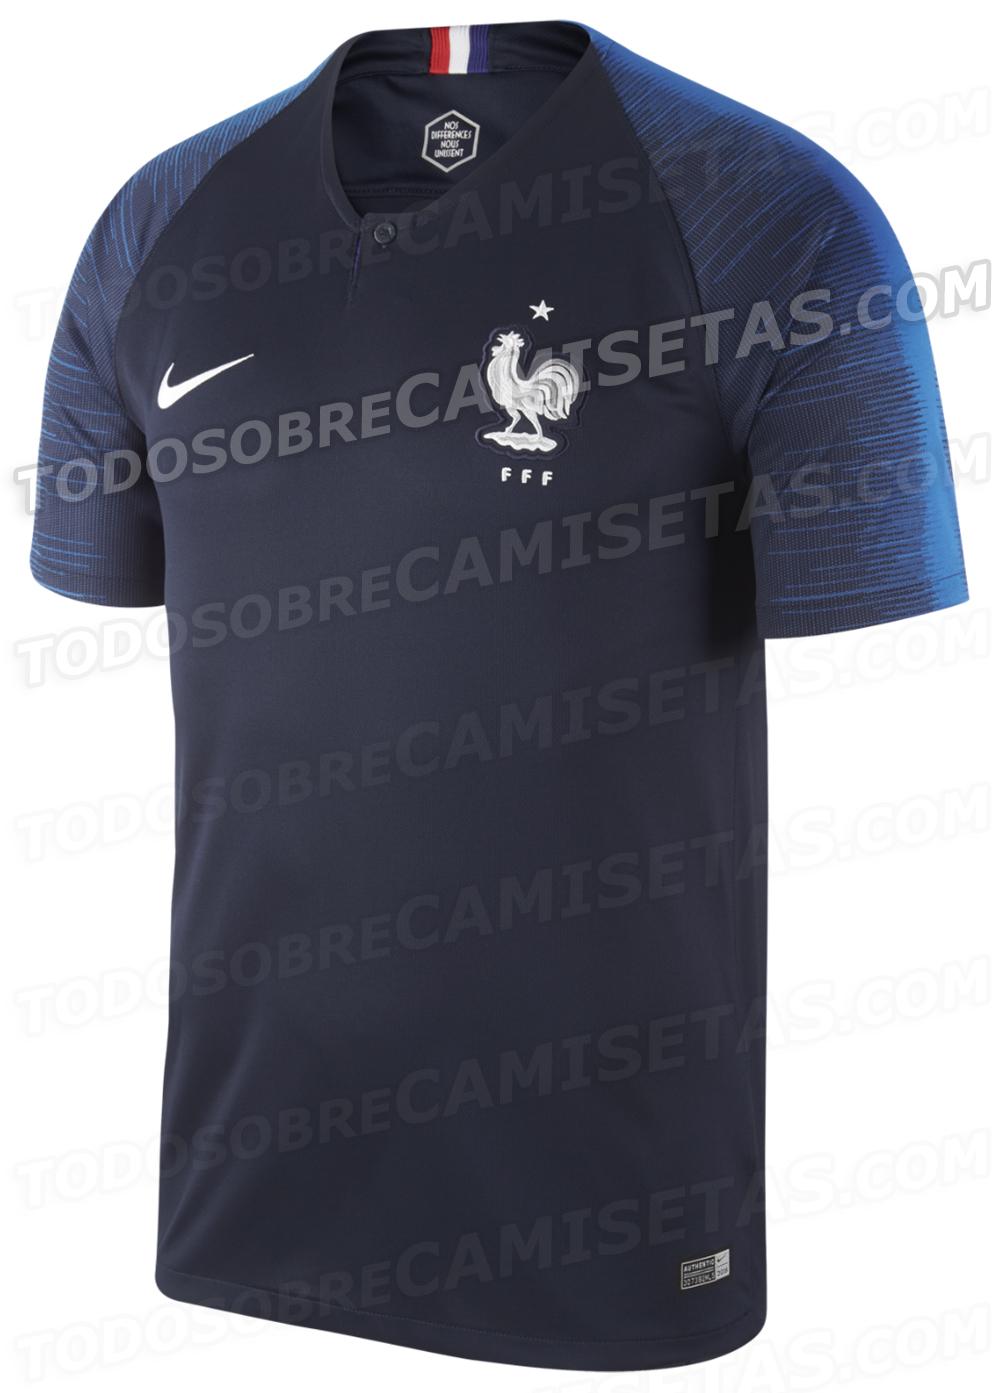 Site exibe imagens de camisas da França para a Copa do Mundo de 2018 ... 93f468b60d0d2